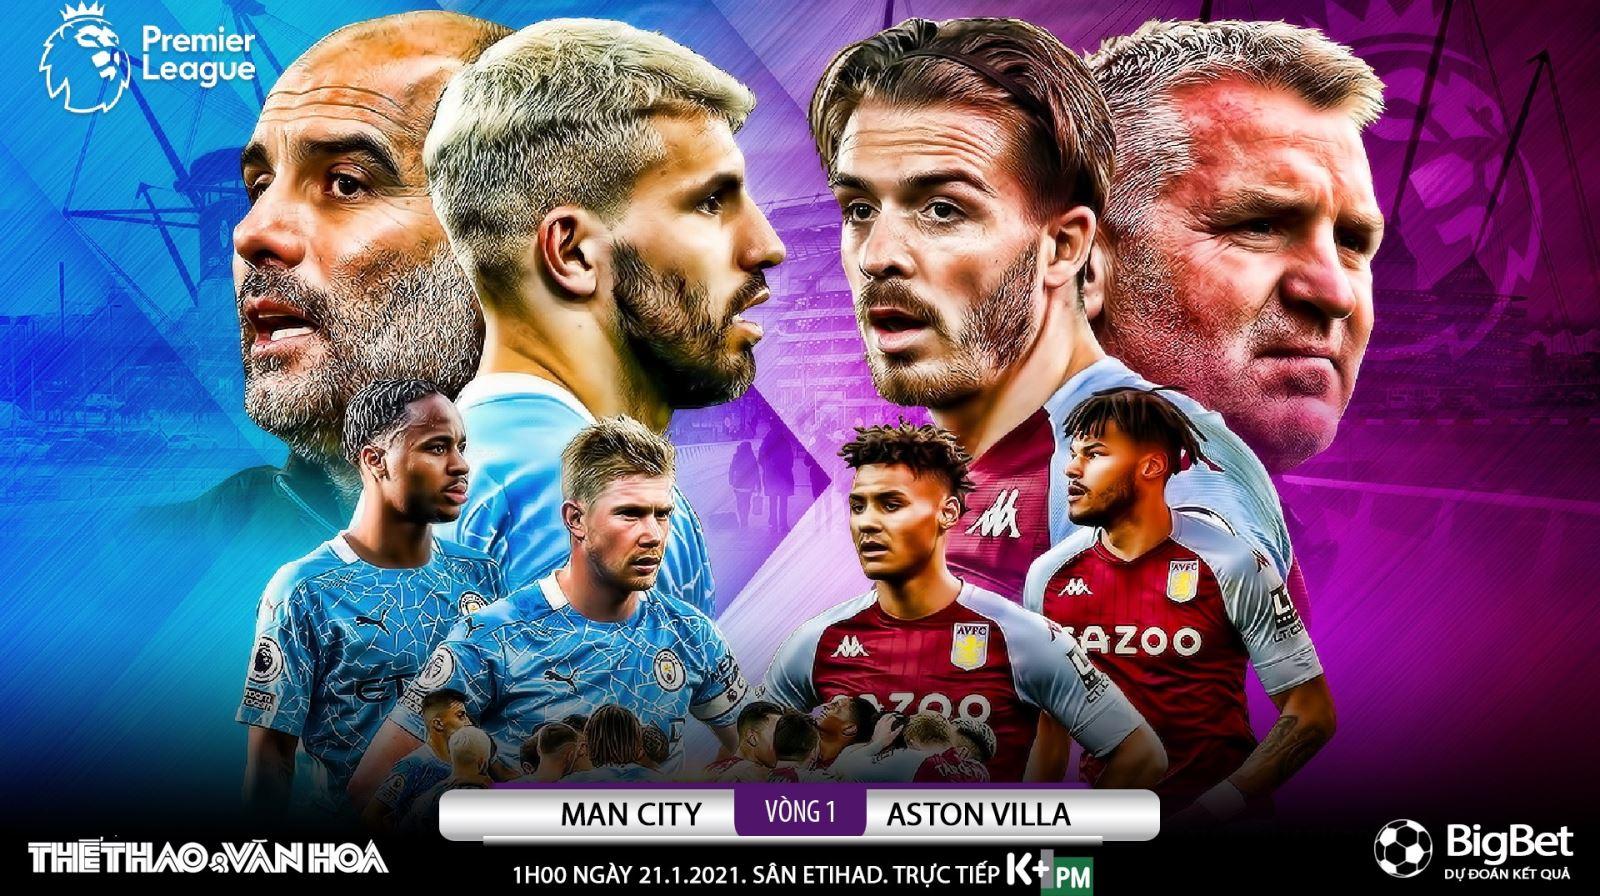 Soi kèo nhà cáiMan City vs Aston Villa. Đá bù vòng 1 giải Ngoại hạng Anh